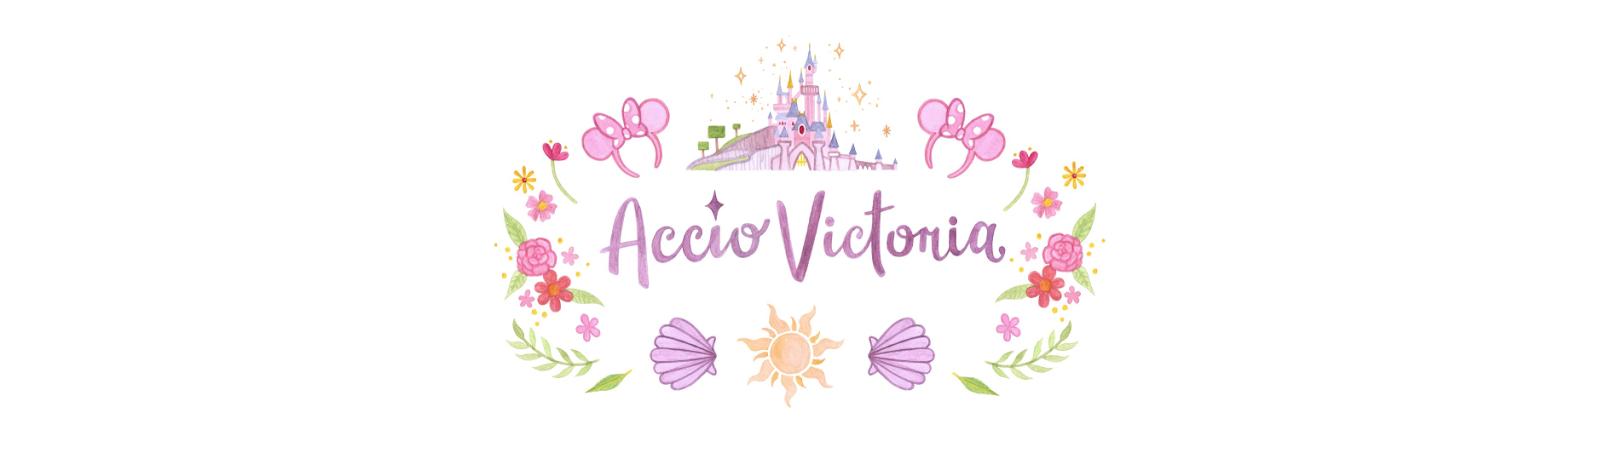 Accio Victoria